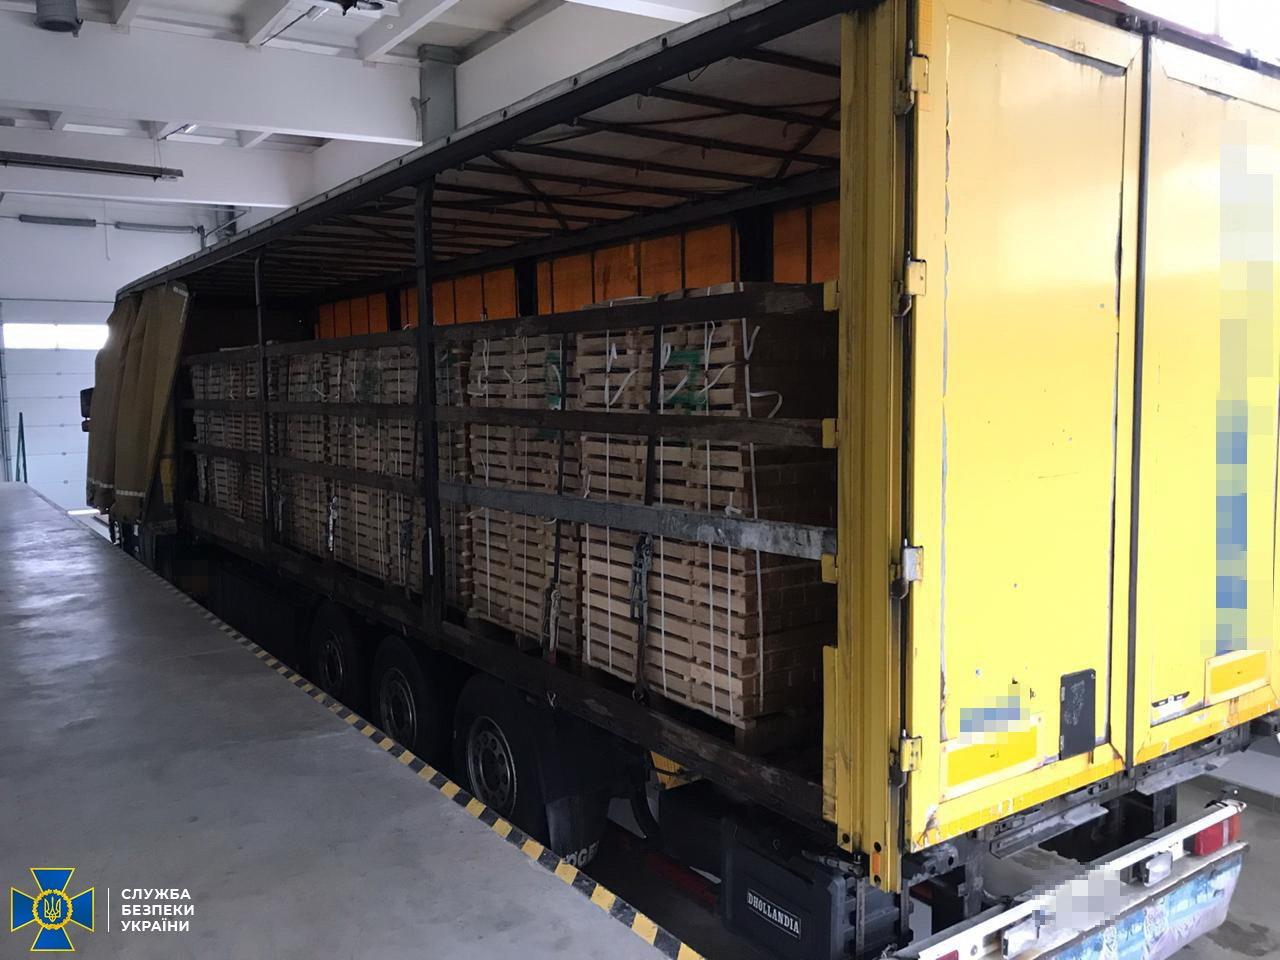 Truckload of Oak lumber for EU stopped in Uzhhorod